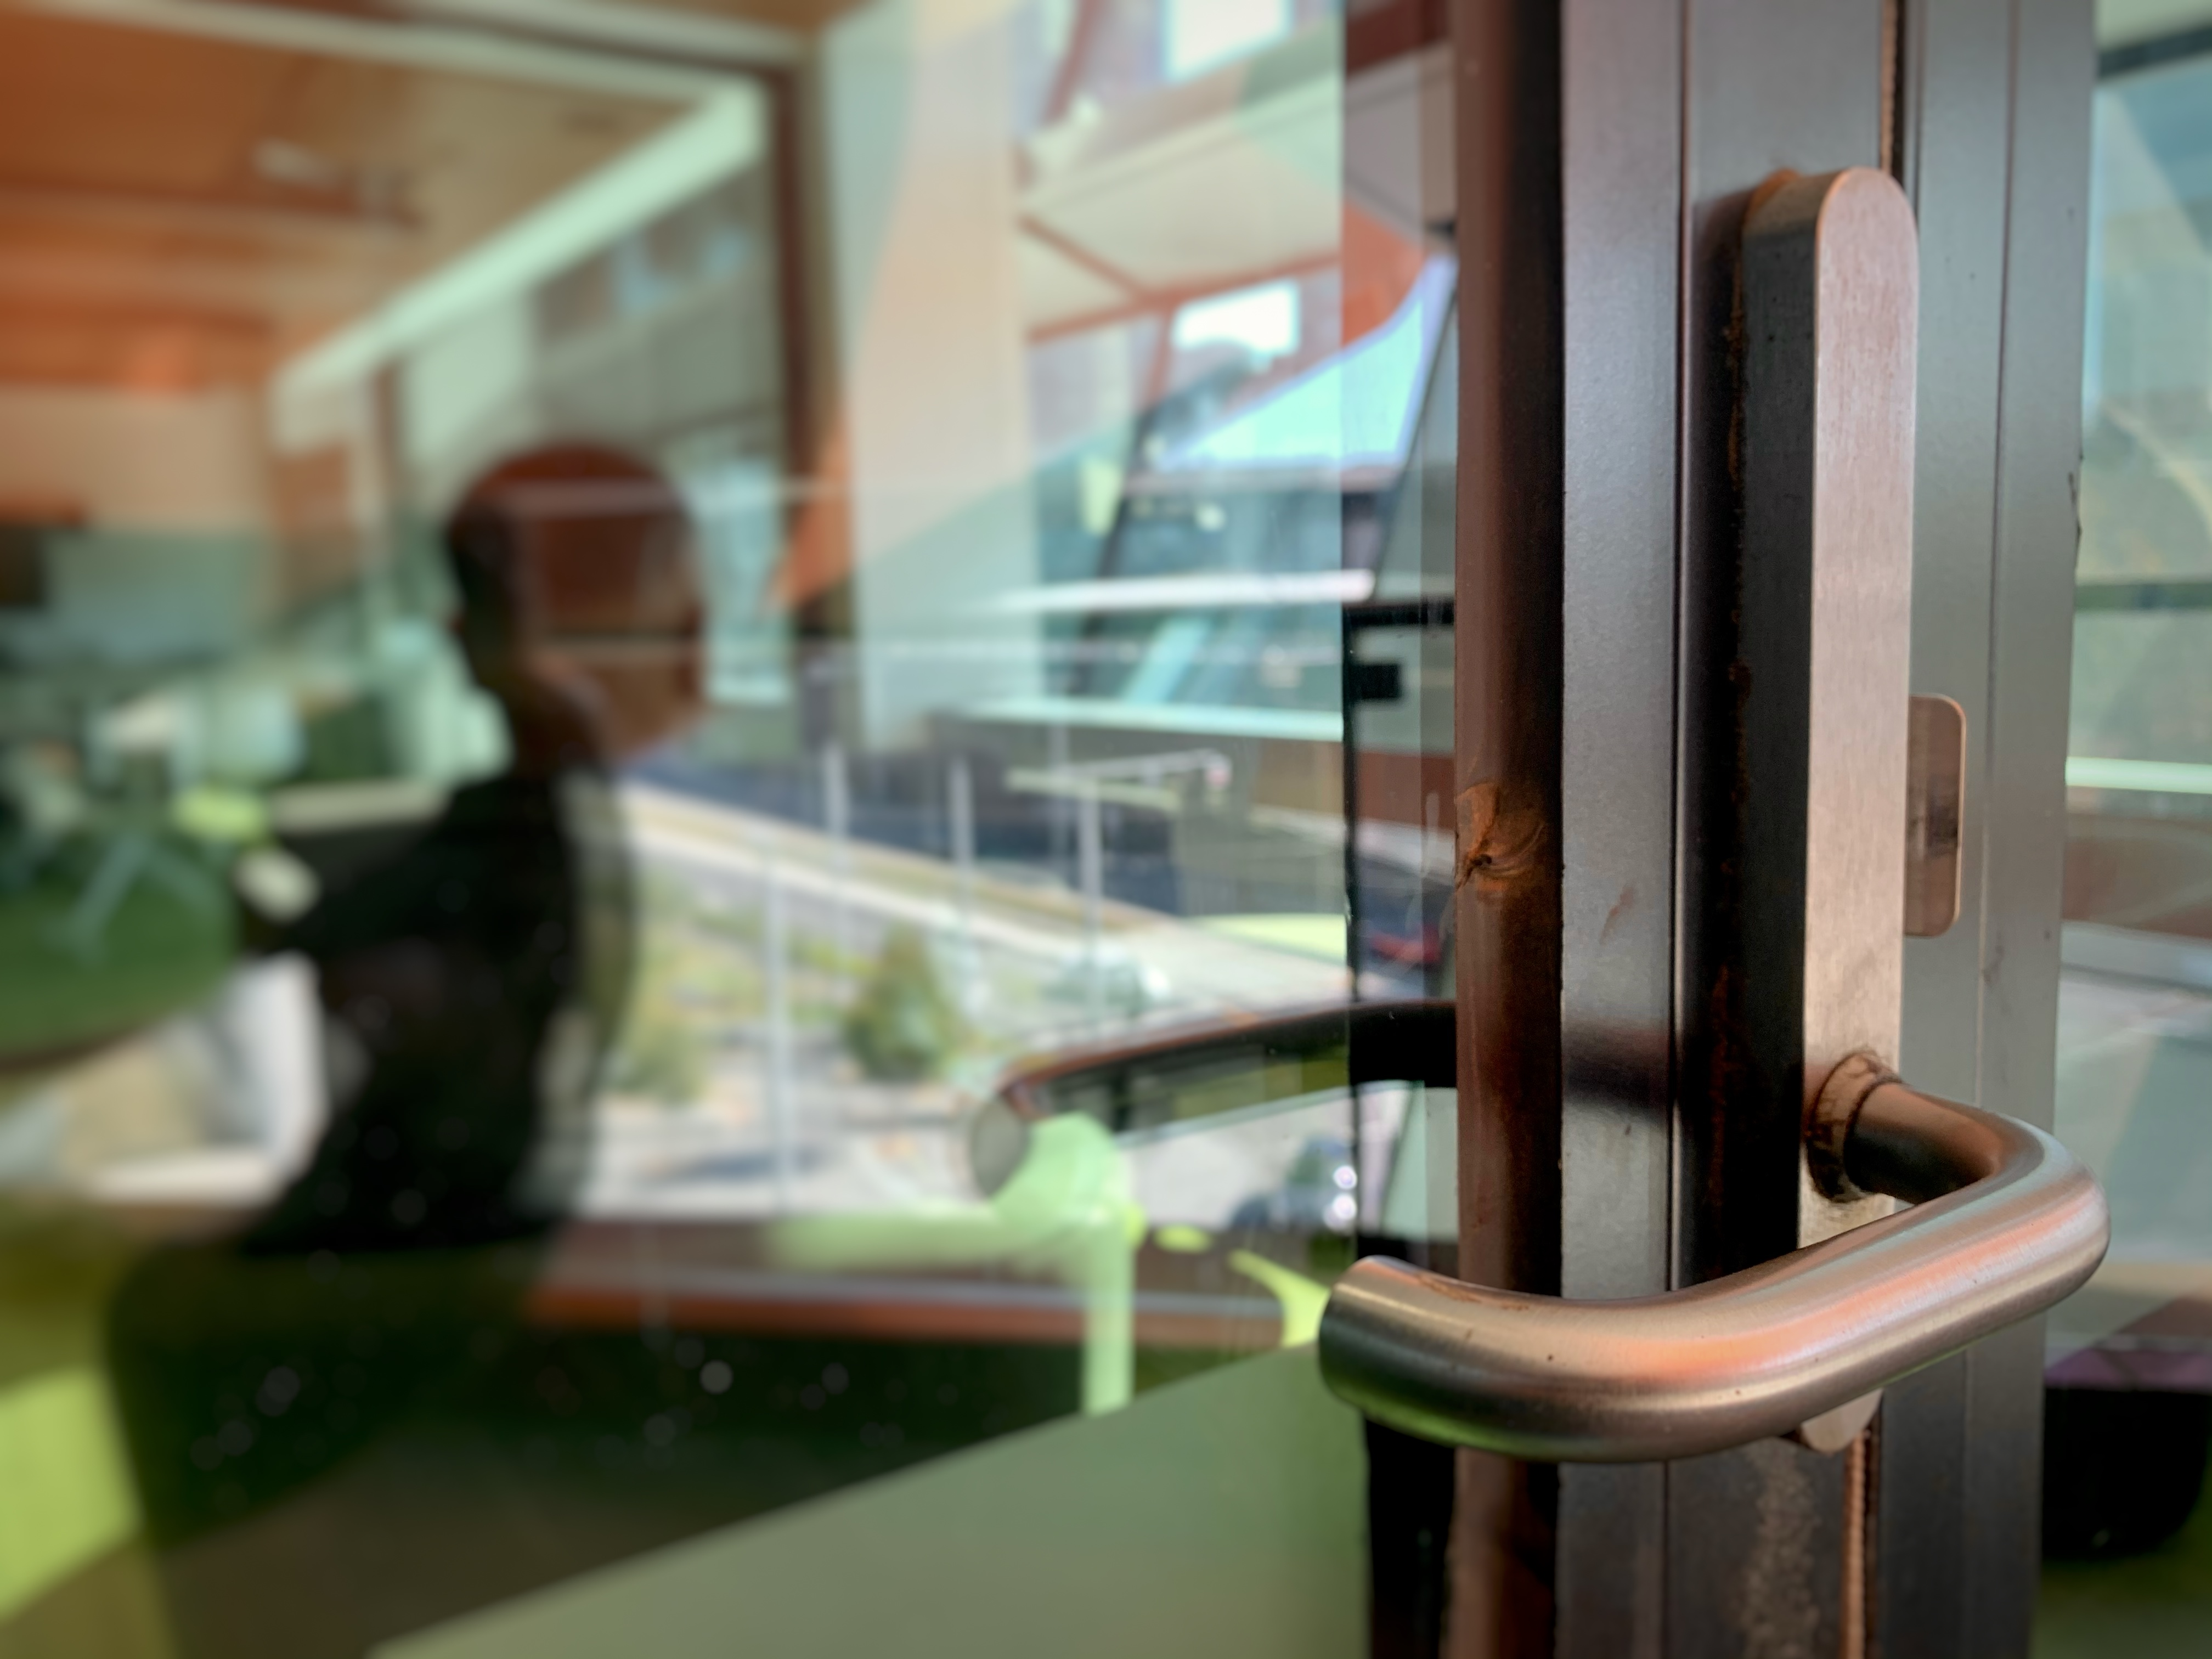 asylum seeker shadow in door